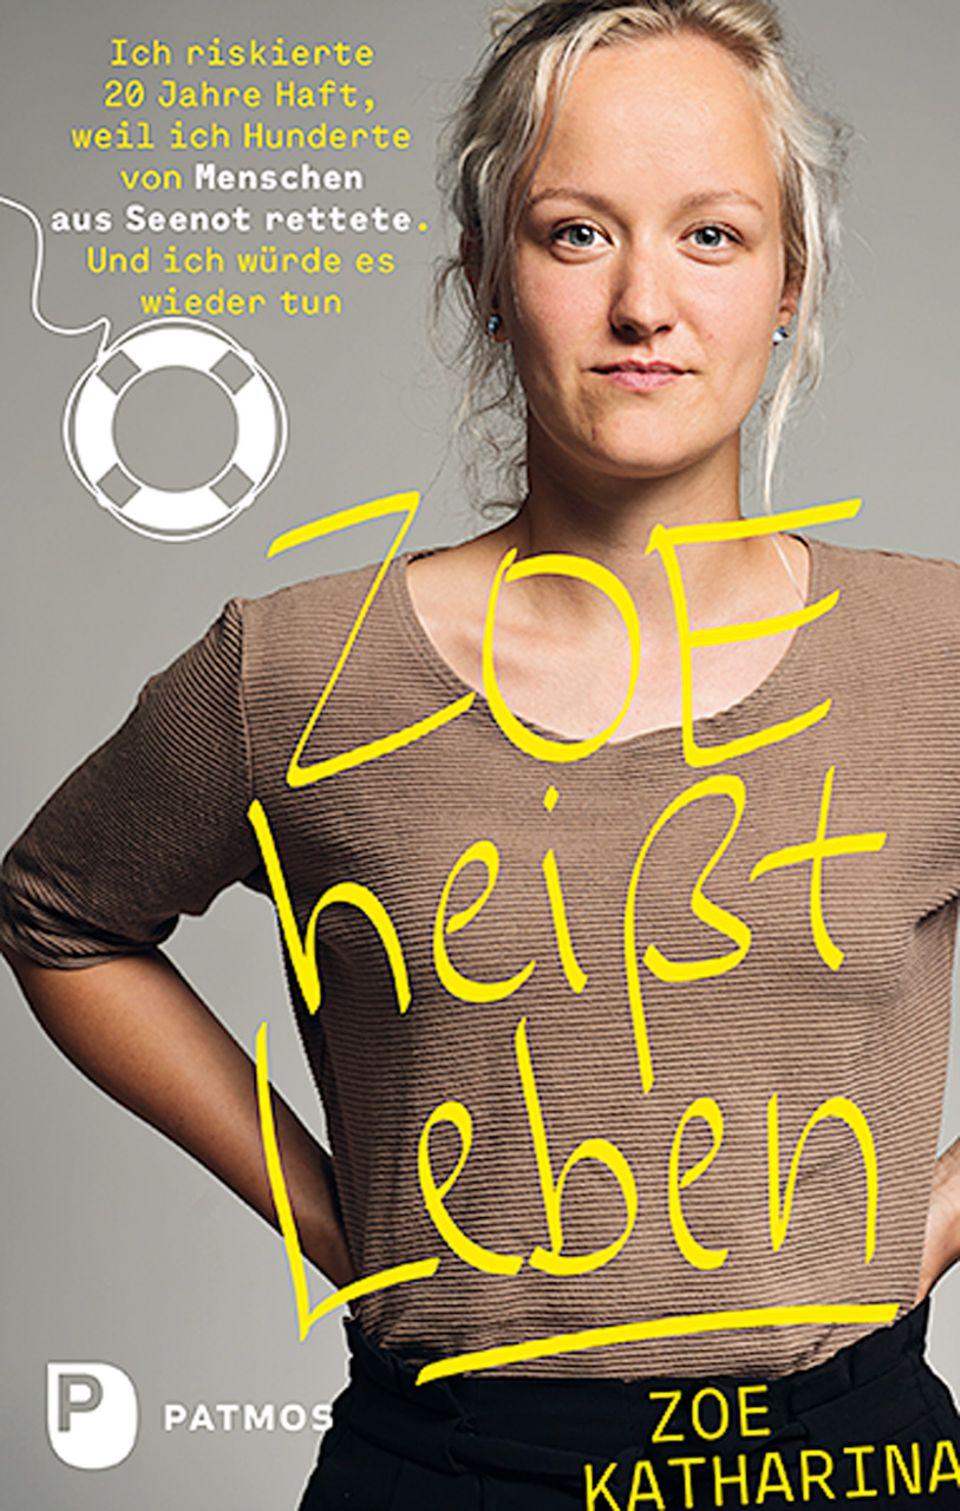 Das Buchcover: Der Titel in gelber Schrift, dahinter Zoe Katharina mit blonden Haaren und braunem T-Shirt